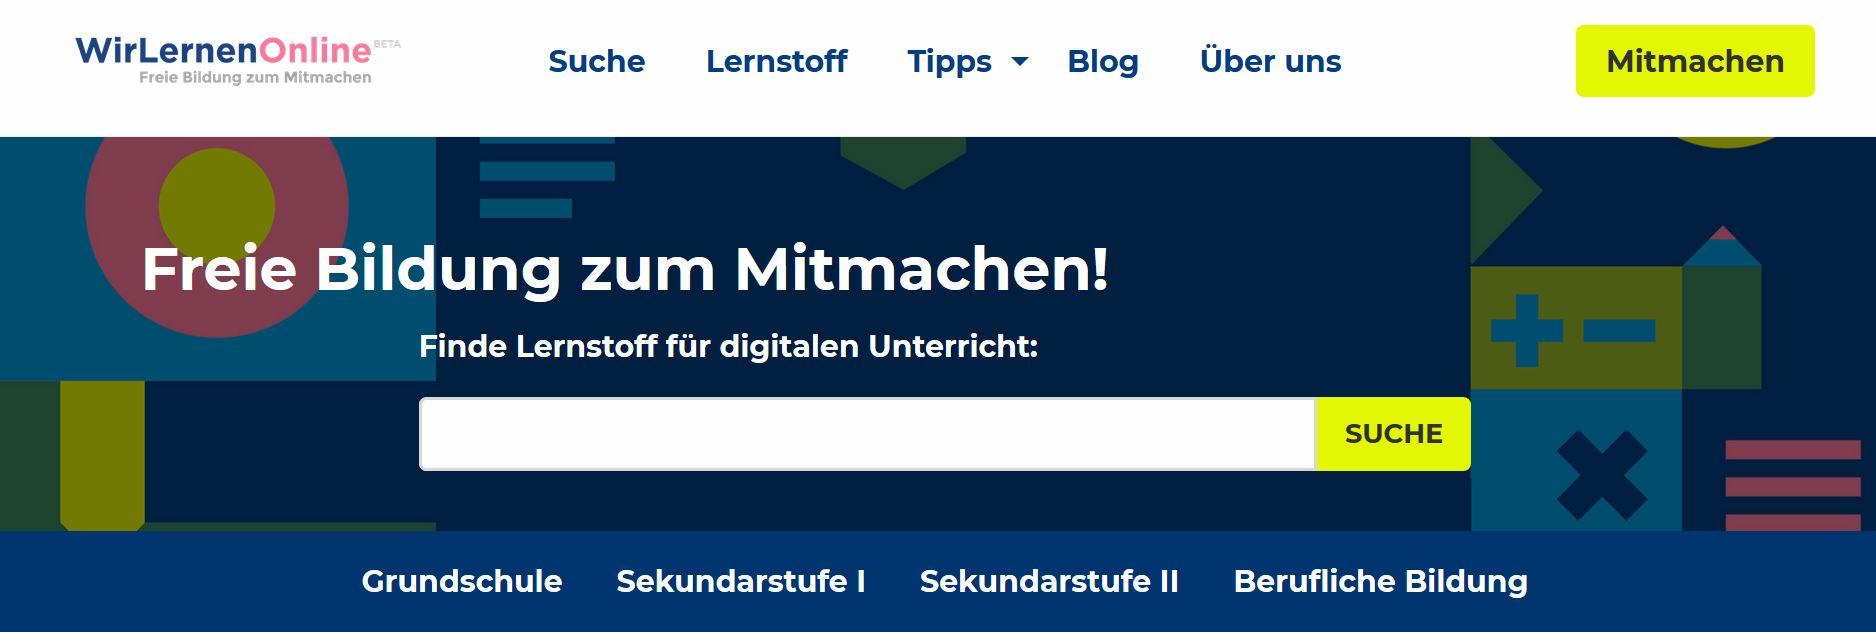 Screenshot von ww.wirlernenonline.de